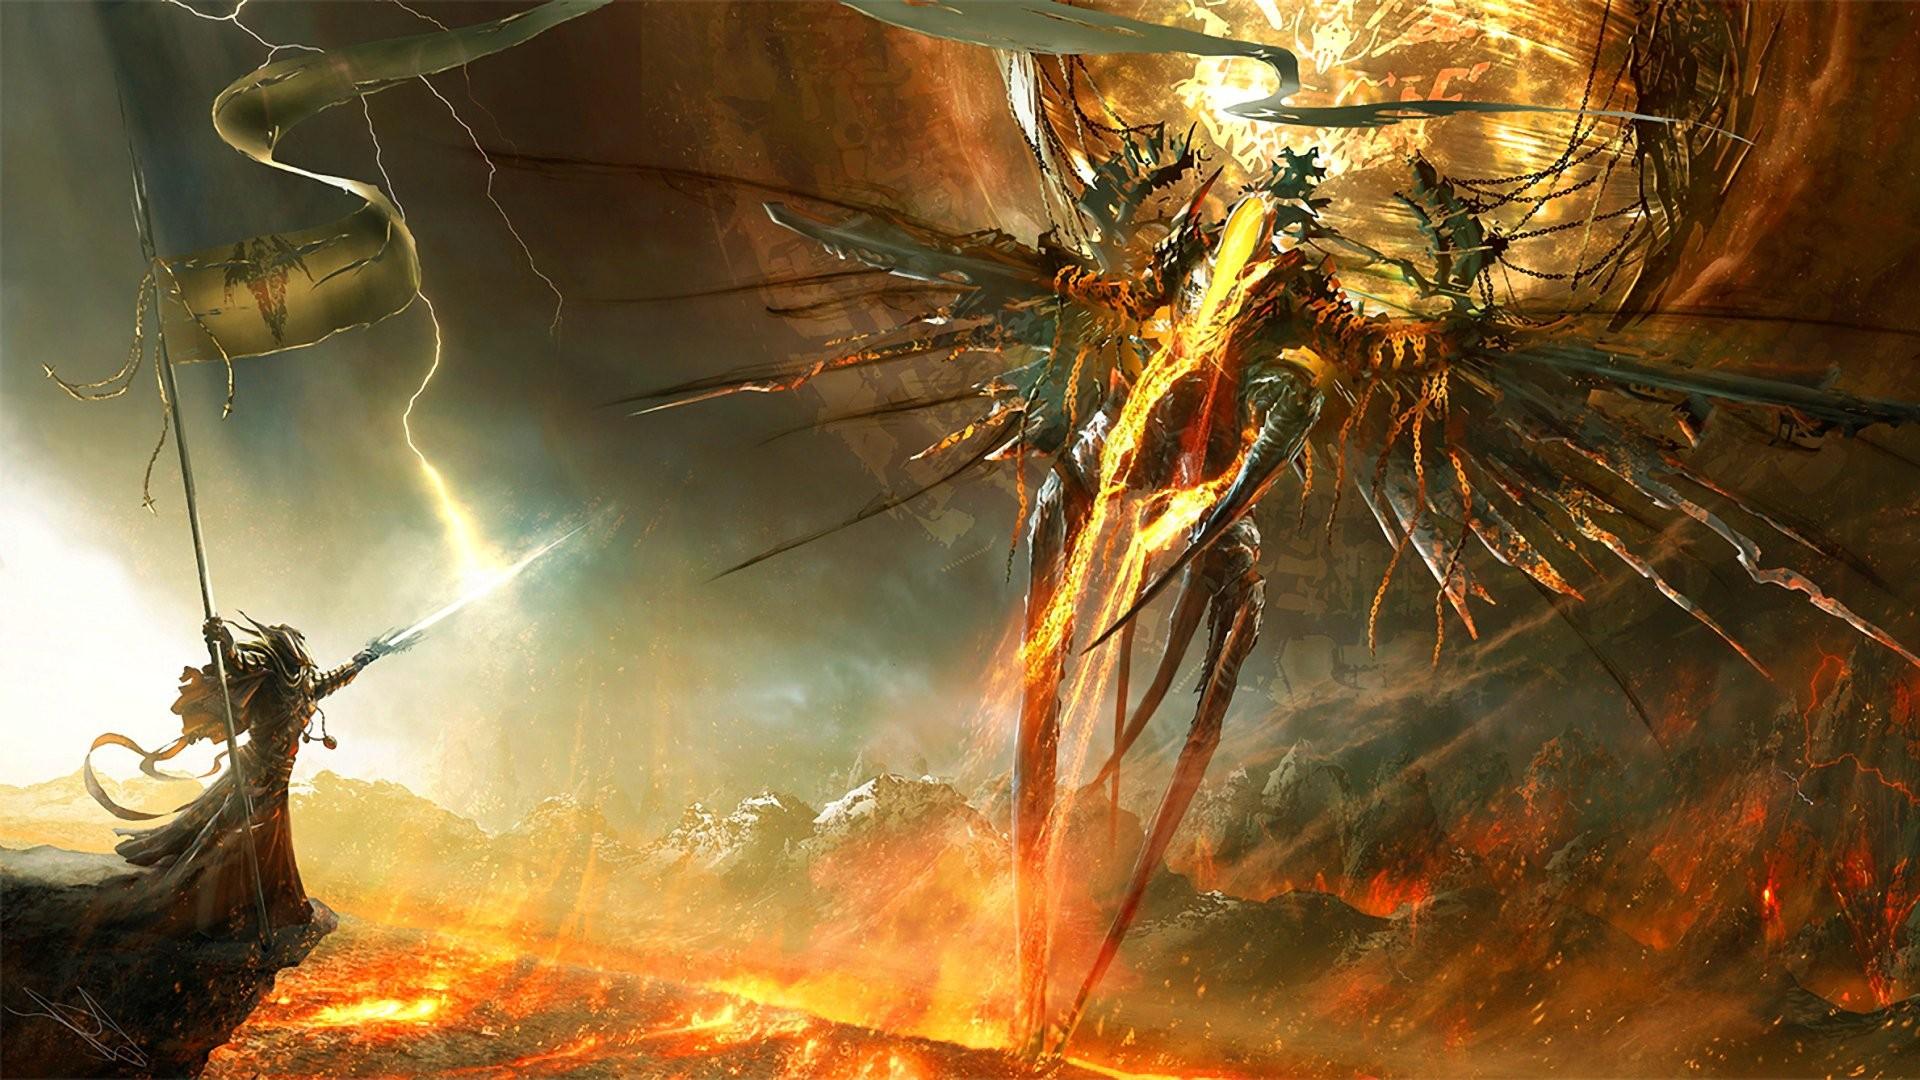 Fantasy Art Angel Fire Fan Demon Diablo III Screenshot Computer Wallpaper Special Effects